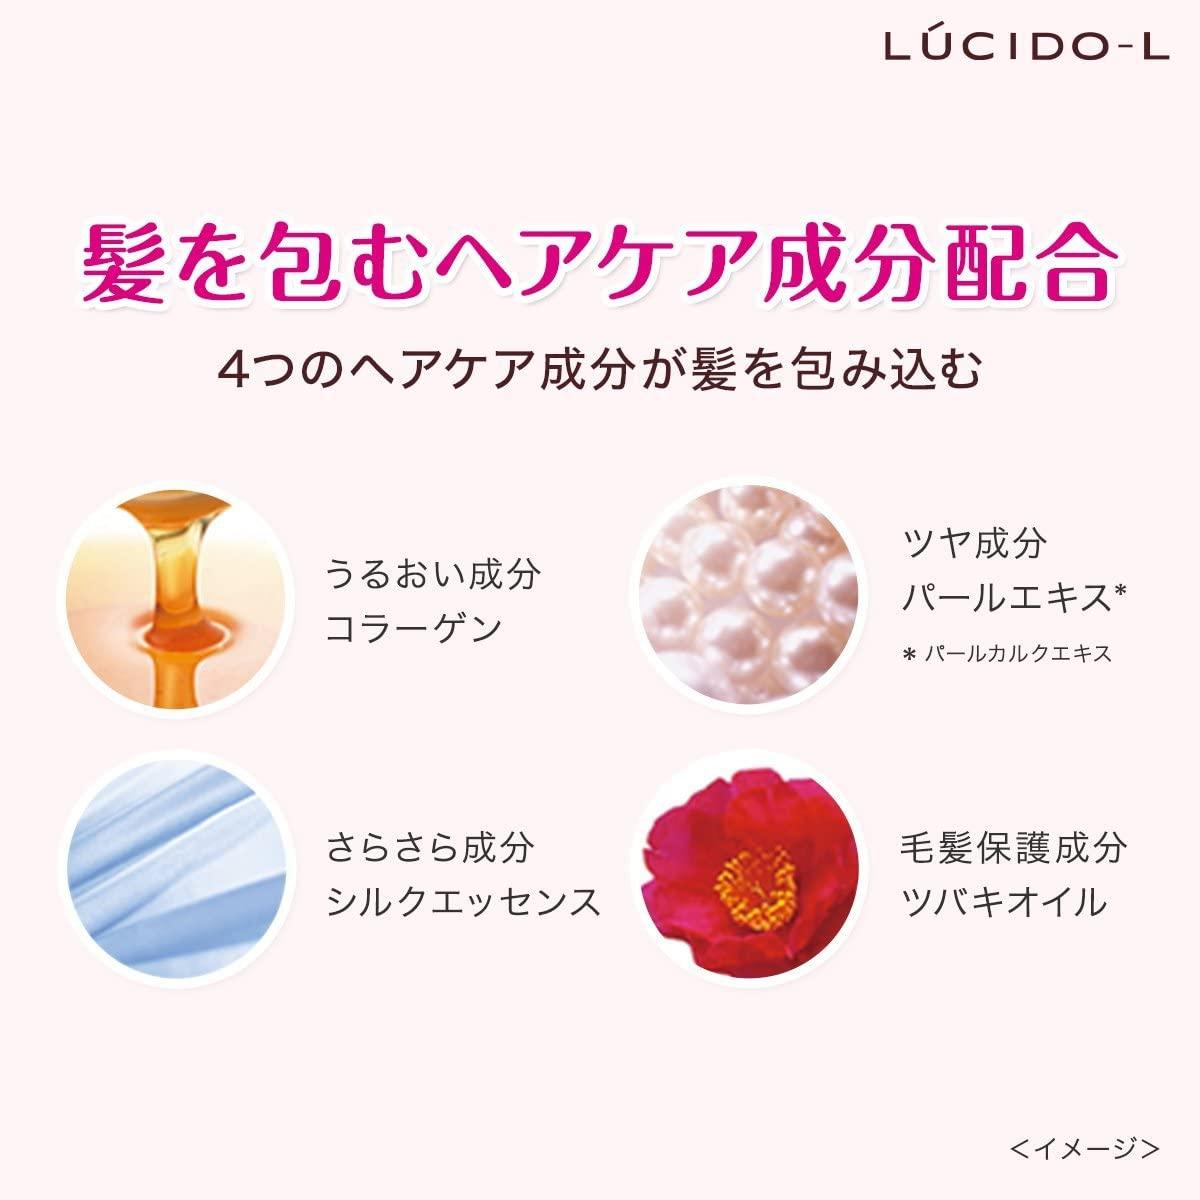 LUCIDO-L(ルシードエル)ミルクジャム髪色もどしの商品画像7